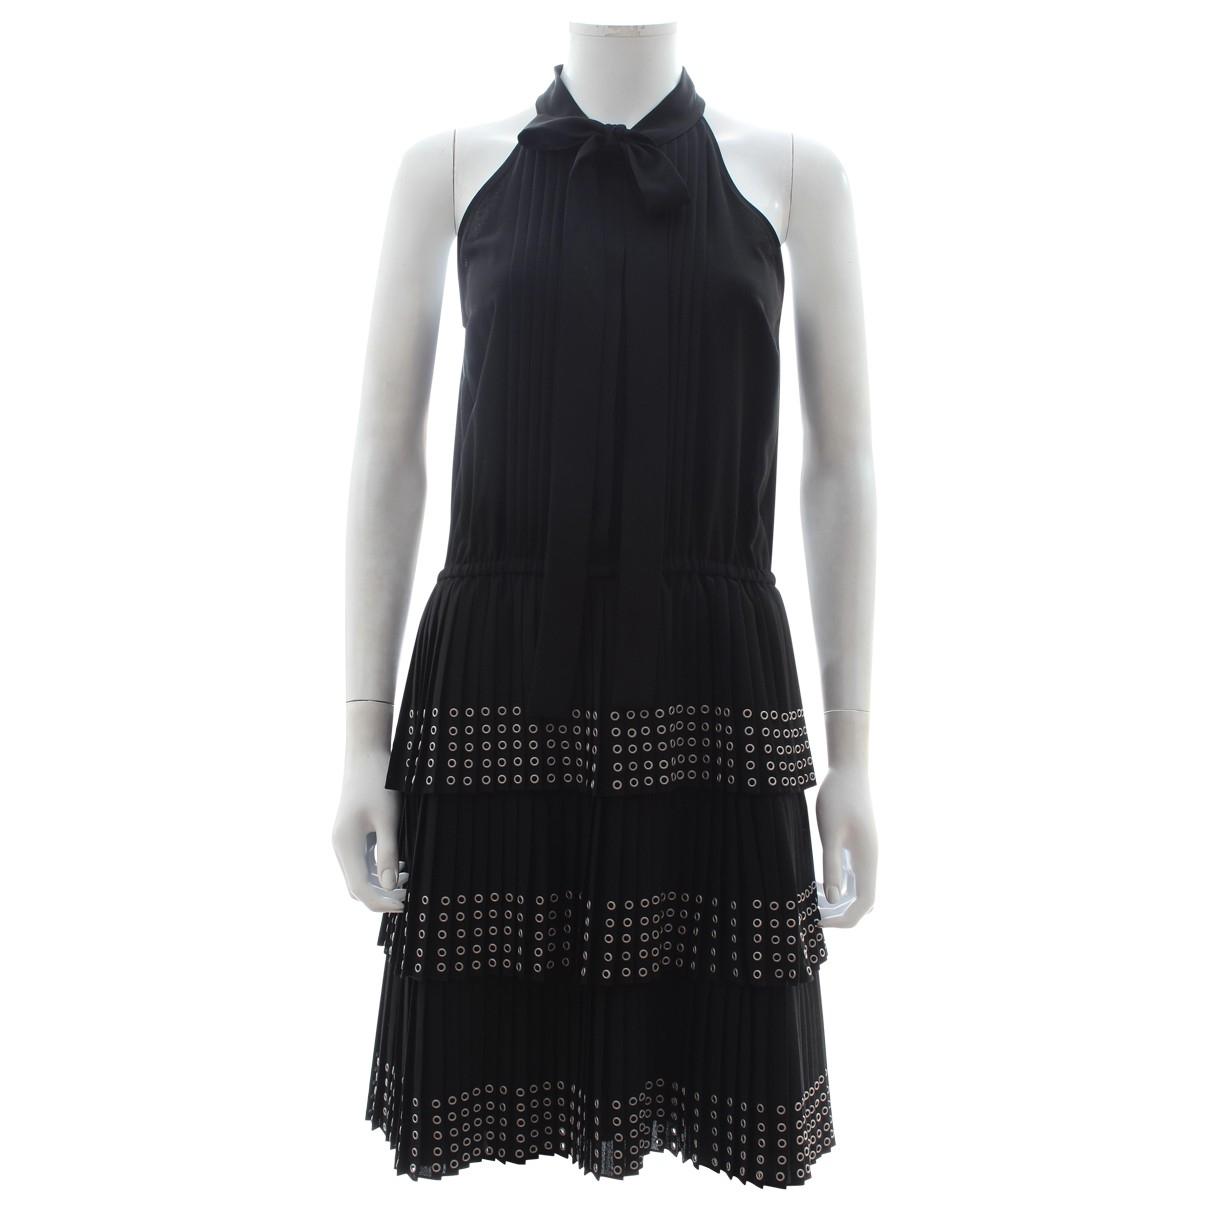 Michael Kors \N Black dress for Women 10 UK